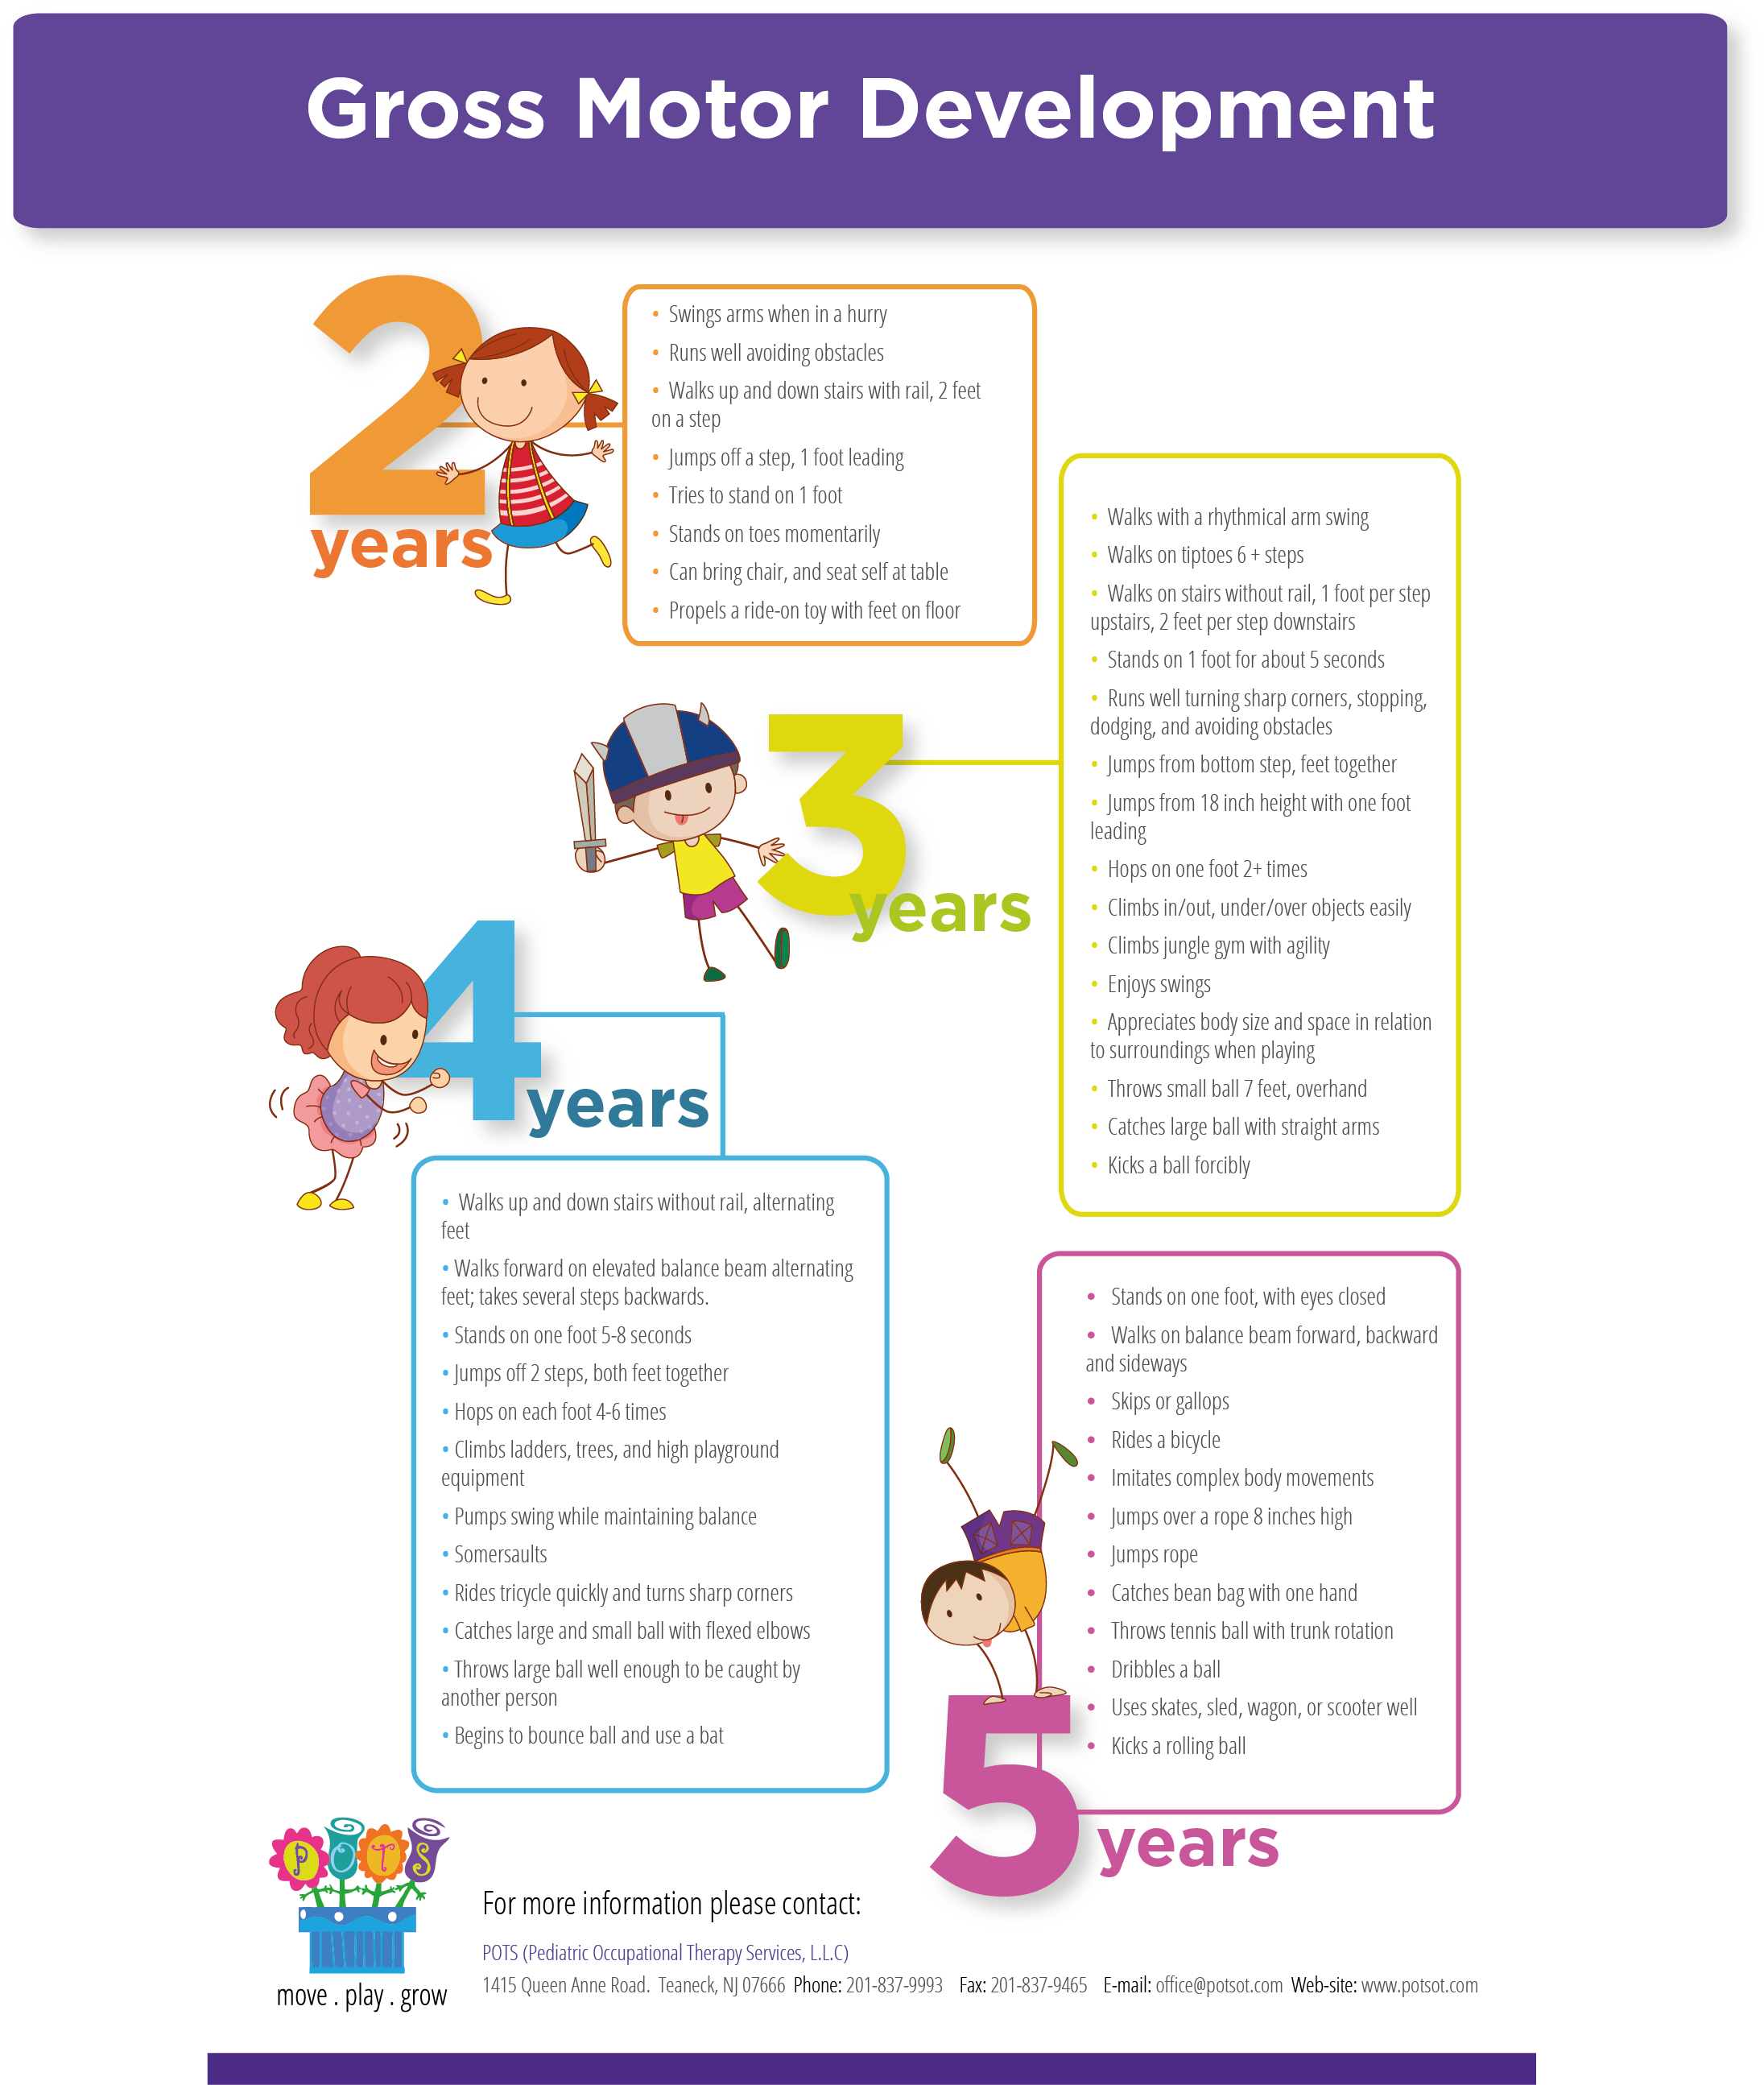 Gross Moter Development Infographic